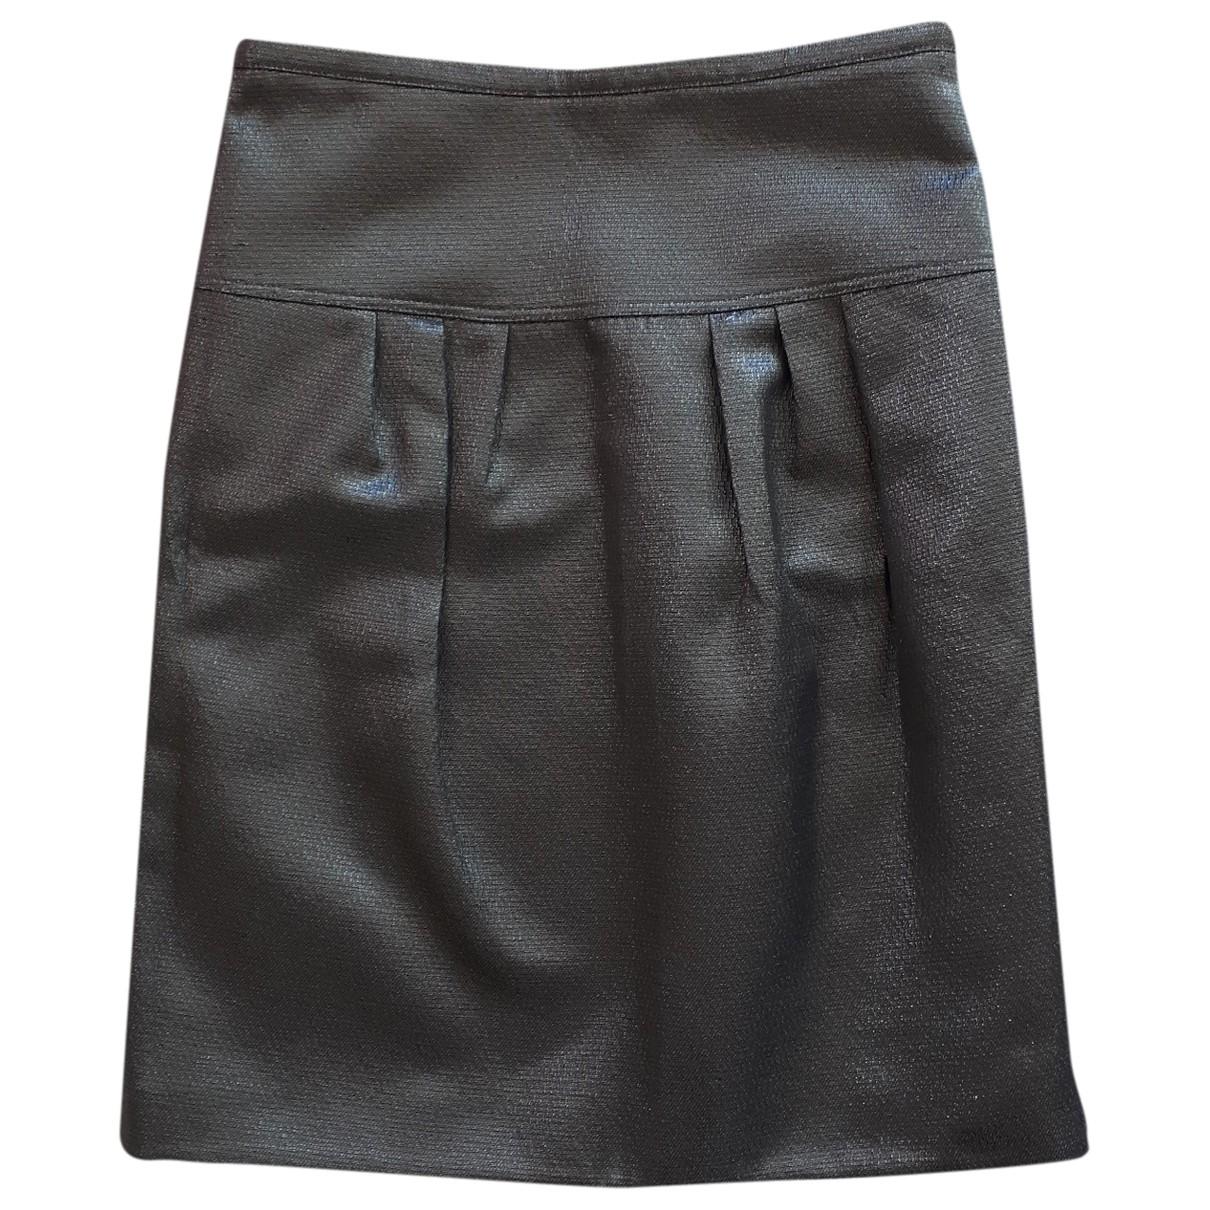 Burberry \N Metallic skirt for Women 6 UK